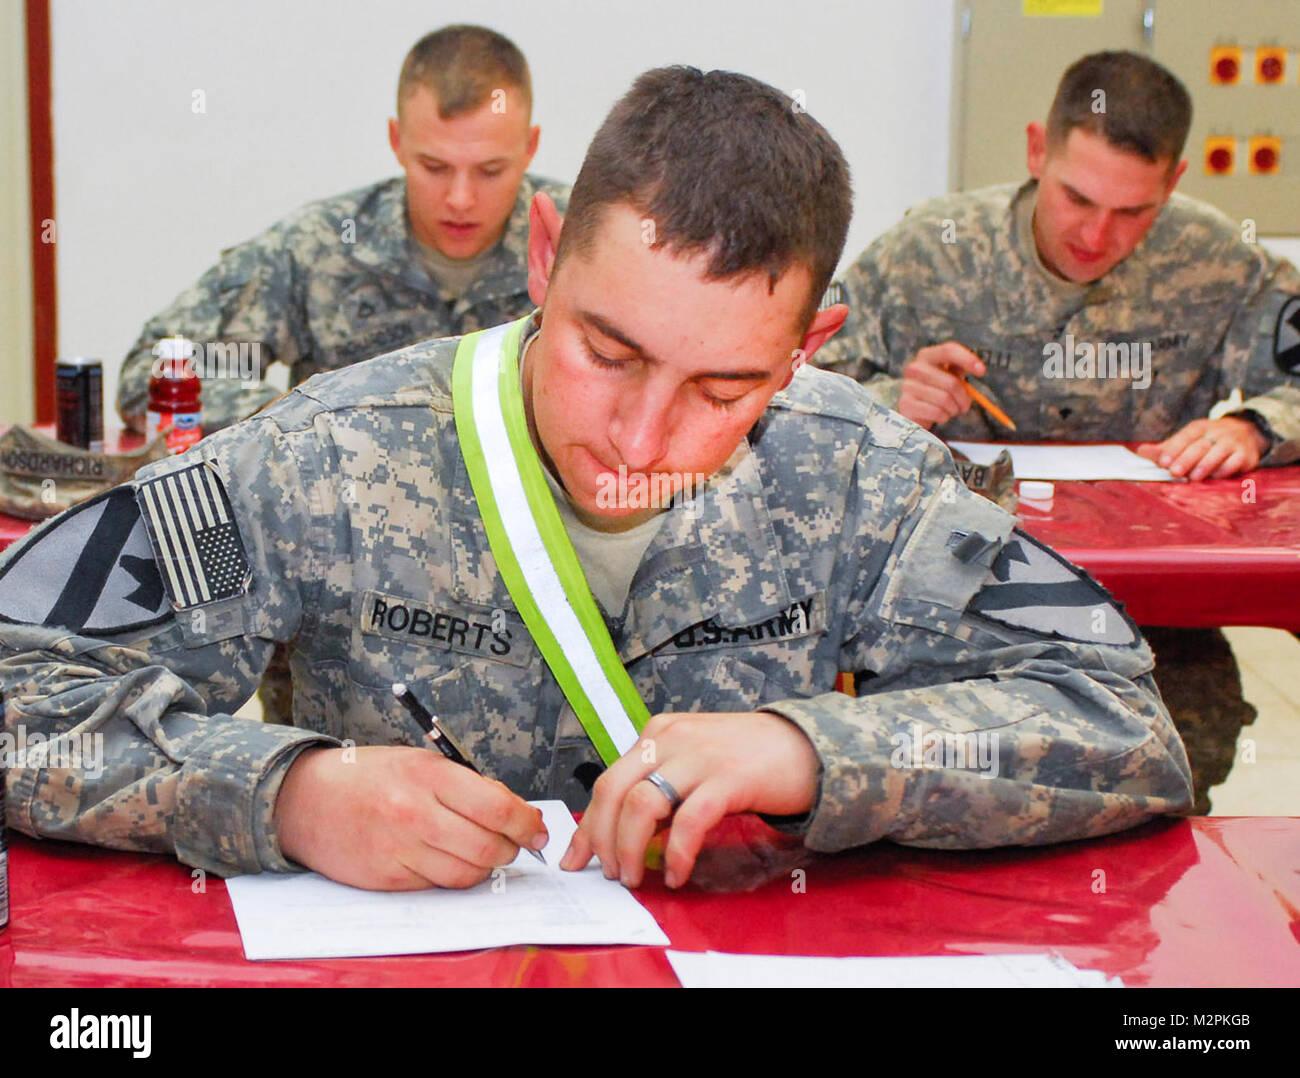 Vérifier sur l'apprentissage. SITE D'EXPLOITATION D'URGENCE guerrier, l'Iraq - SPC. Alvin Roberts, Photo Stock